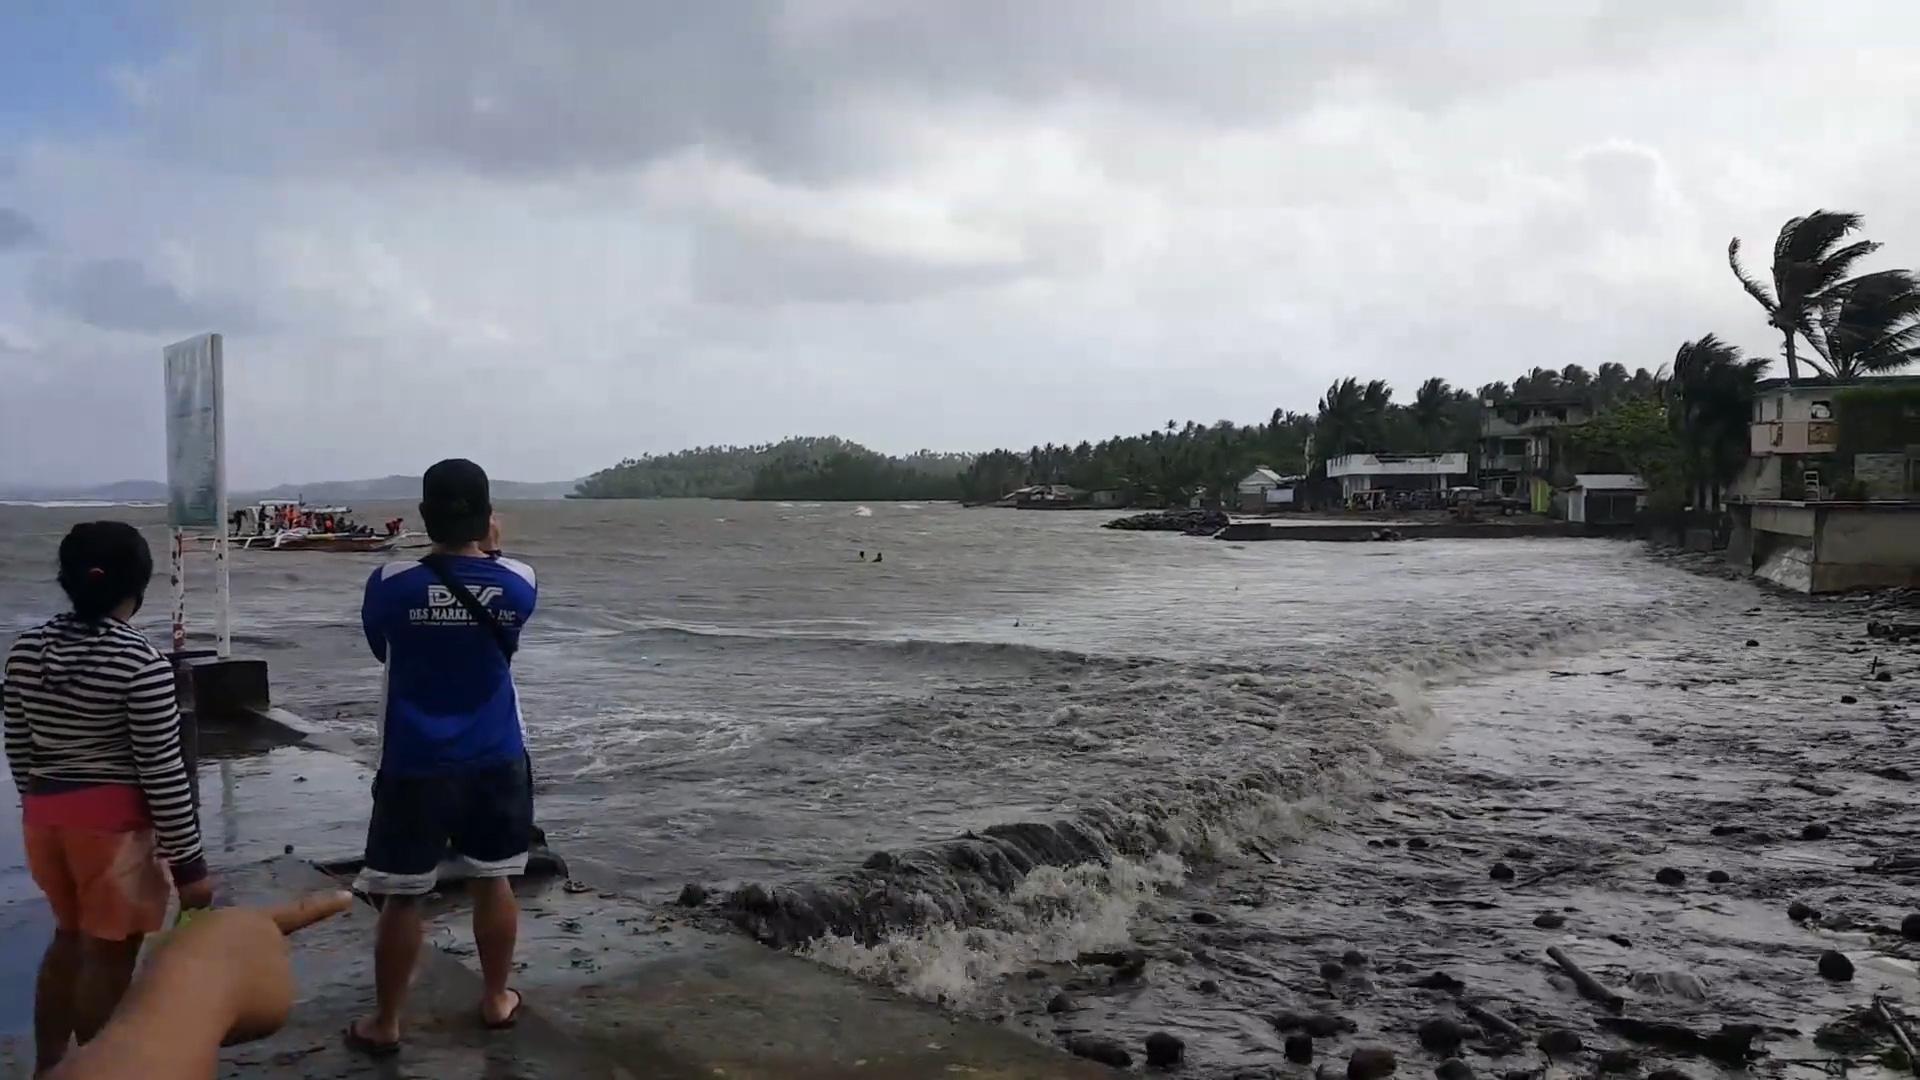 Bão Auring đang gây ra sóng gió khi nó di chuyển về phía Philippines - Ảnh 2.